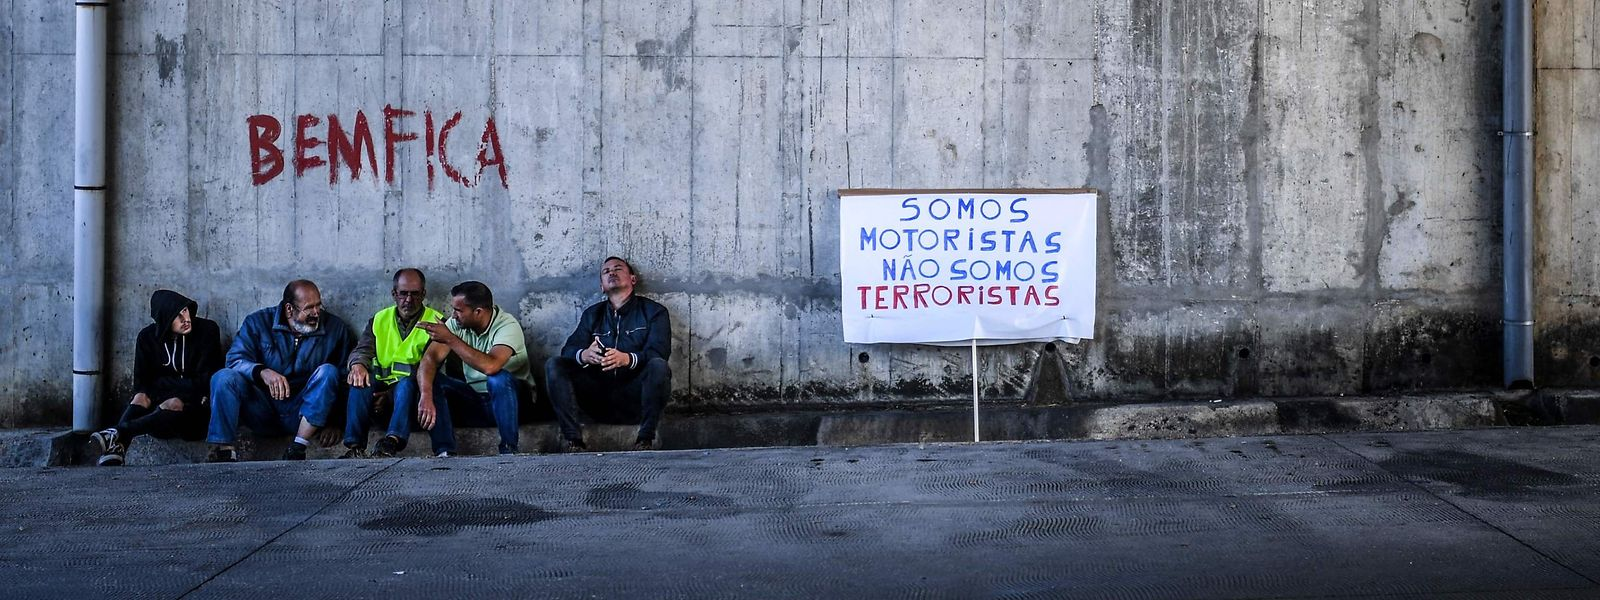 Des grévistes portugais, à côté d'une affiche indiquant «Nous sommes chauffeurs, pas des terroristes».